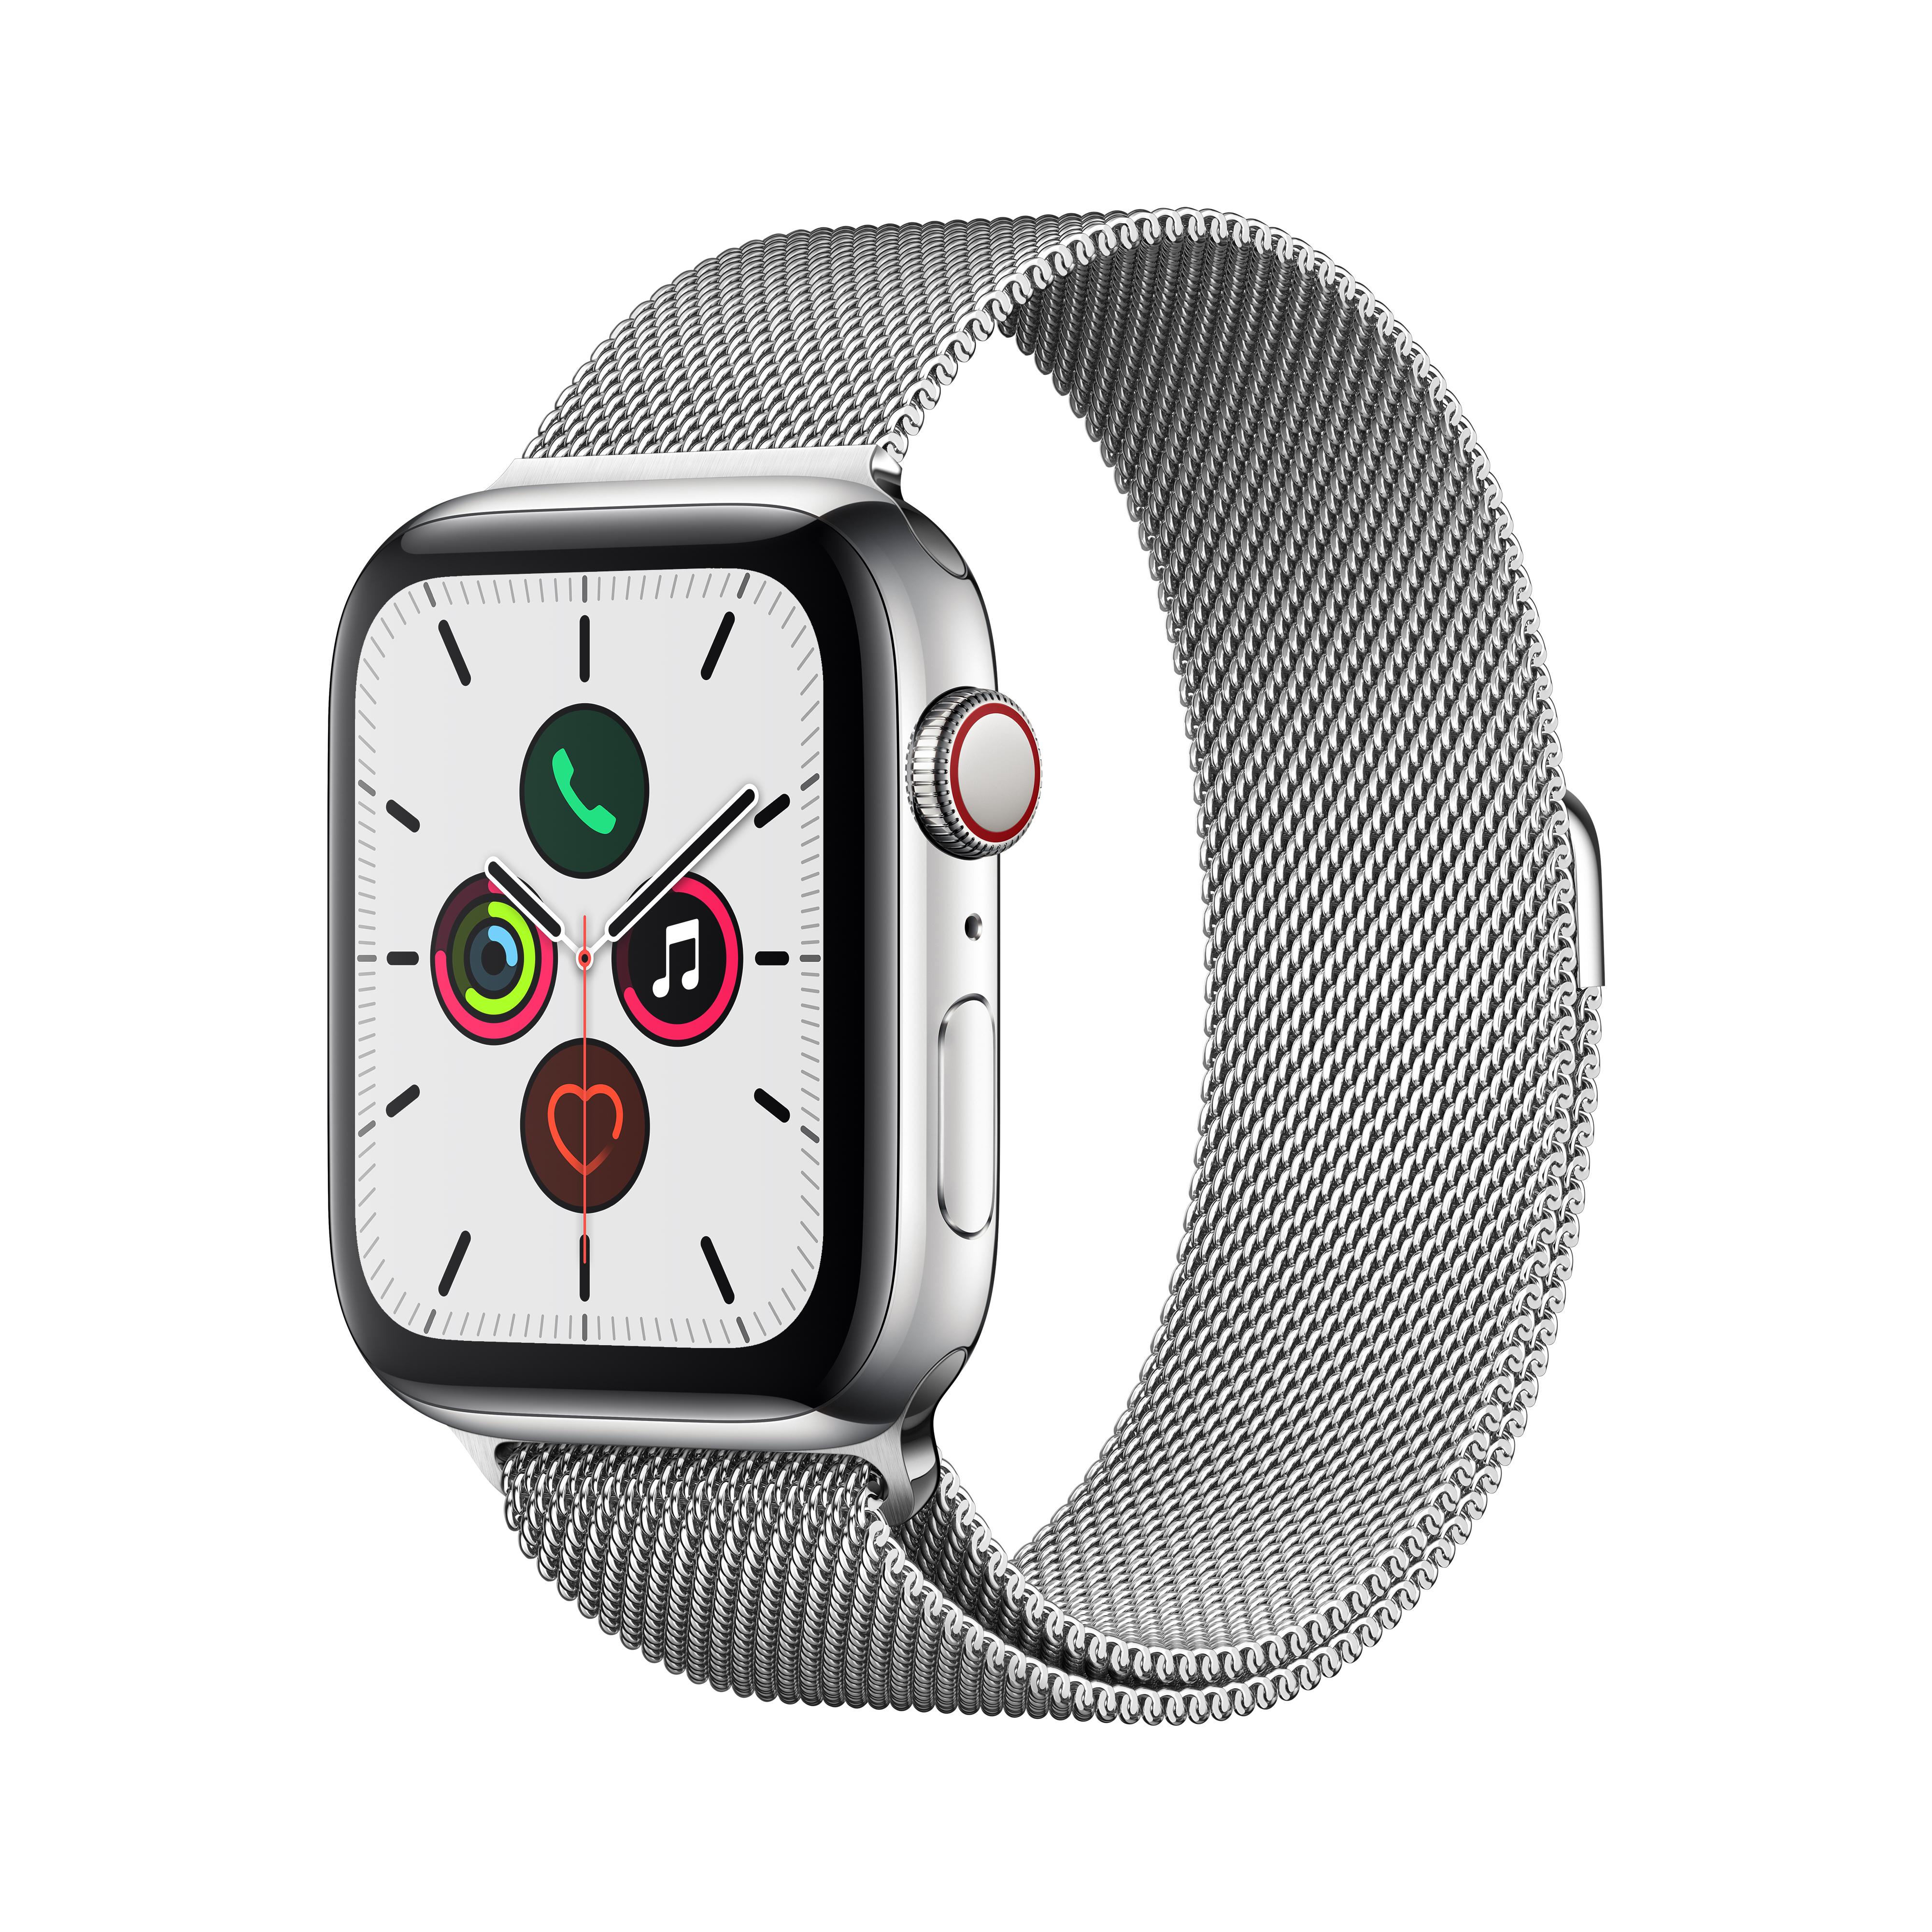 Apple 애플워치5 GPS + 셀룰러 44mm 밀레니즈 루프 + 스테인리스스틸 케이스, 스테인리스 스틸(MWWG2KH/A), 스테인리스 스틸(루프)